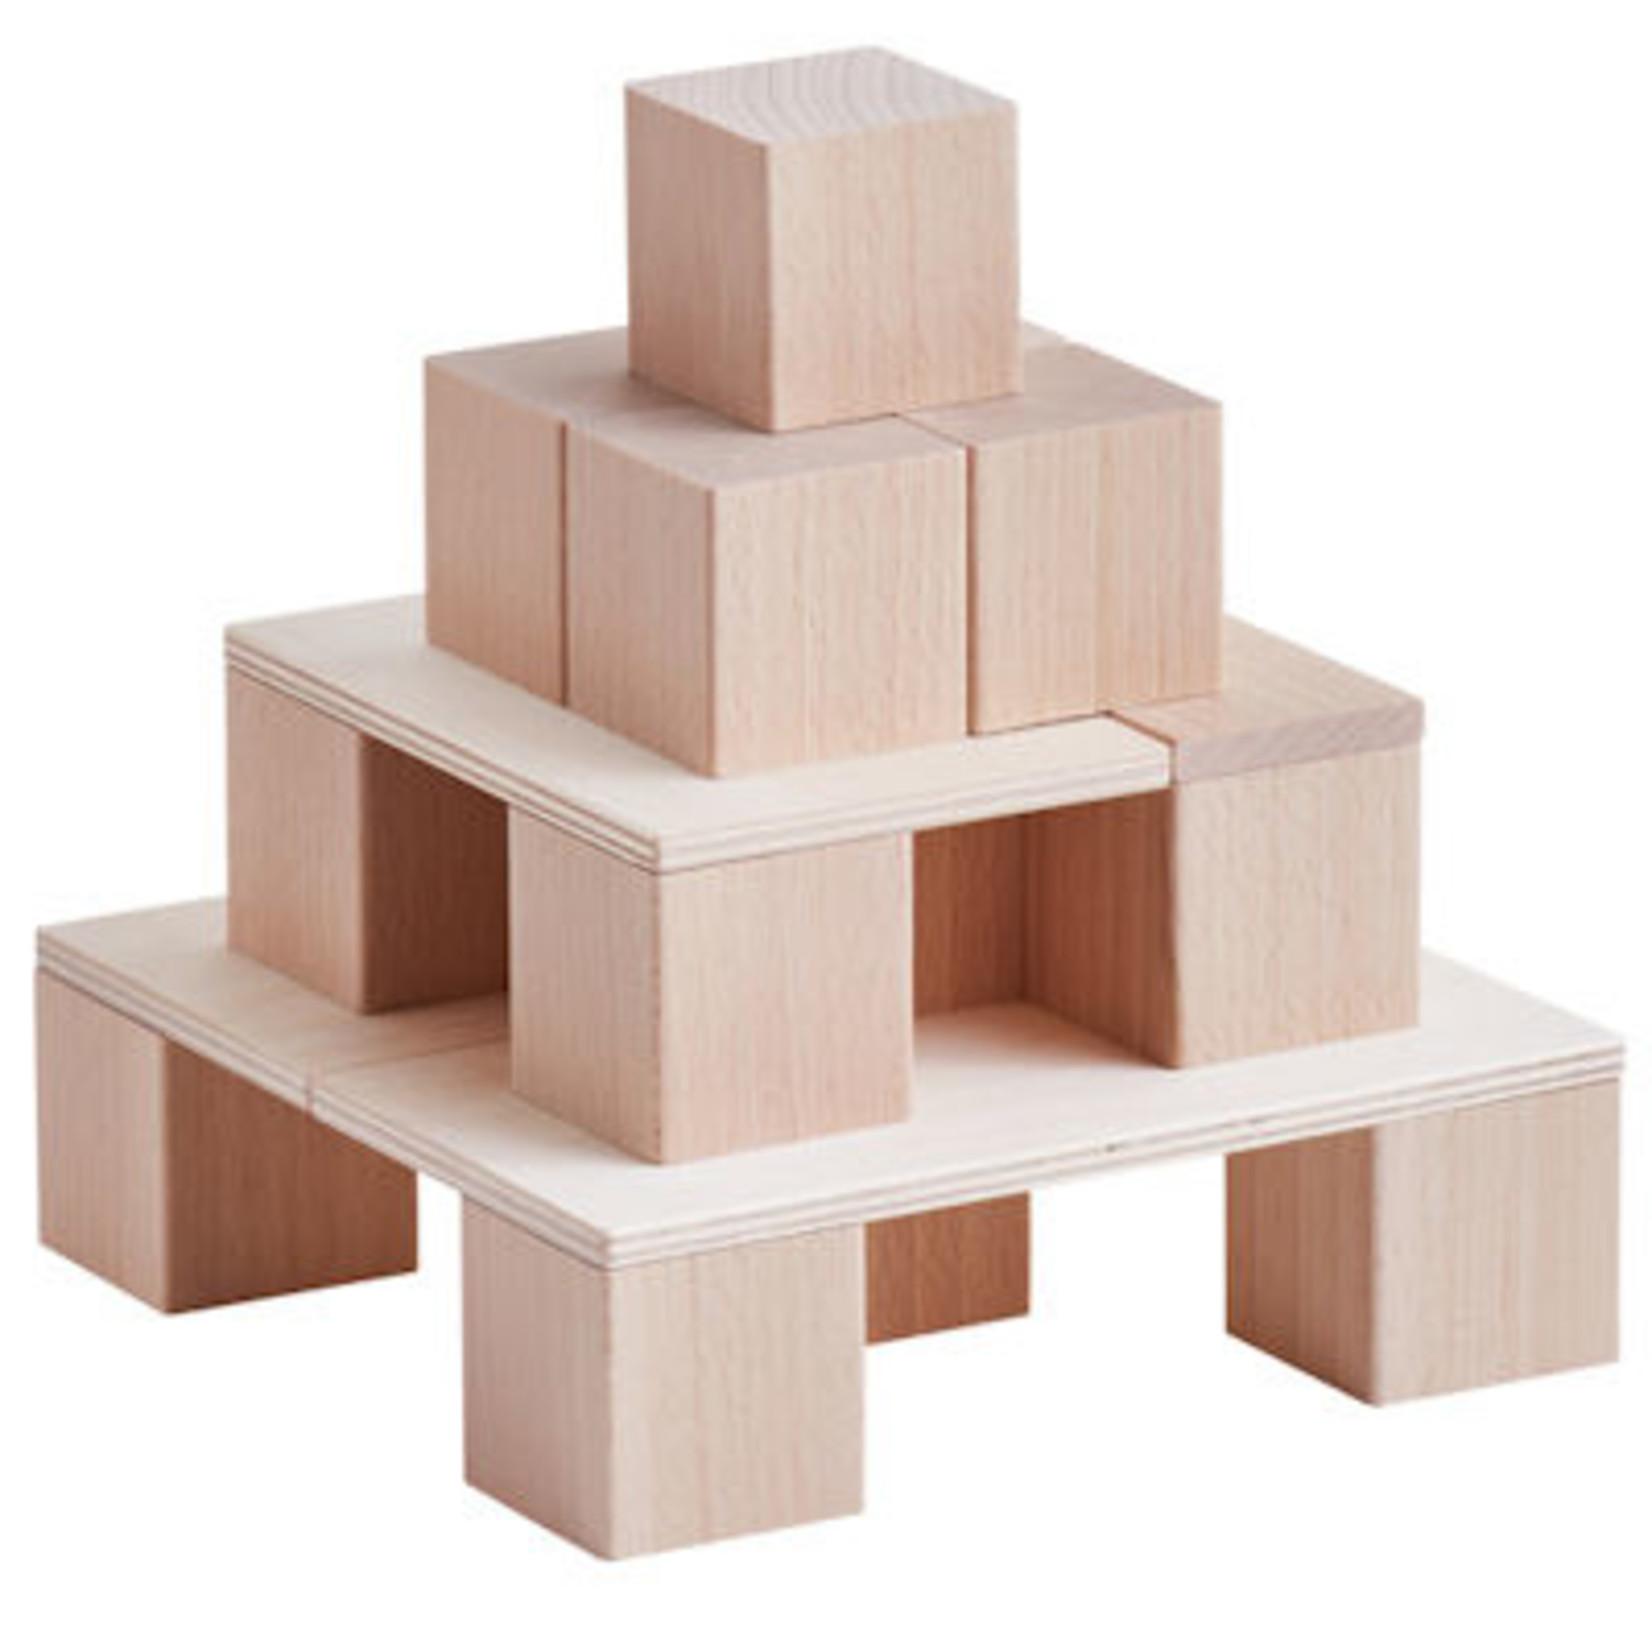 Haba Blokken / Bouwsteensysteem Clever up! 1.0